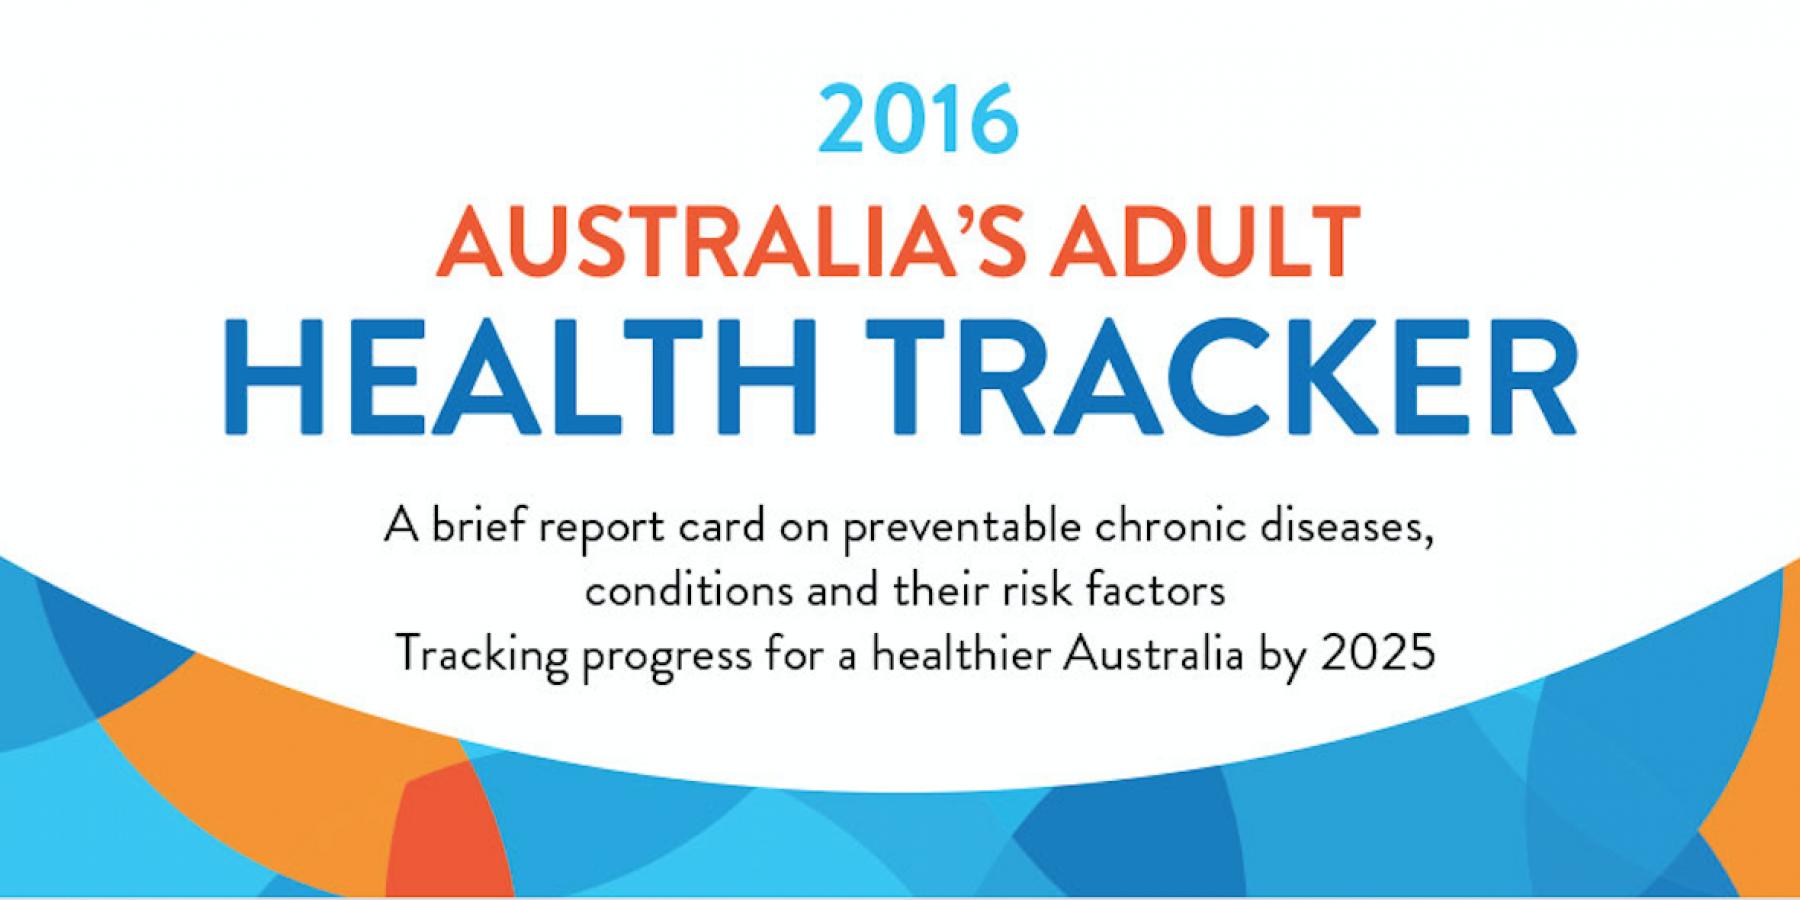 Aus Health Tracker 2016 Header